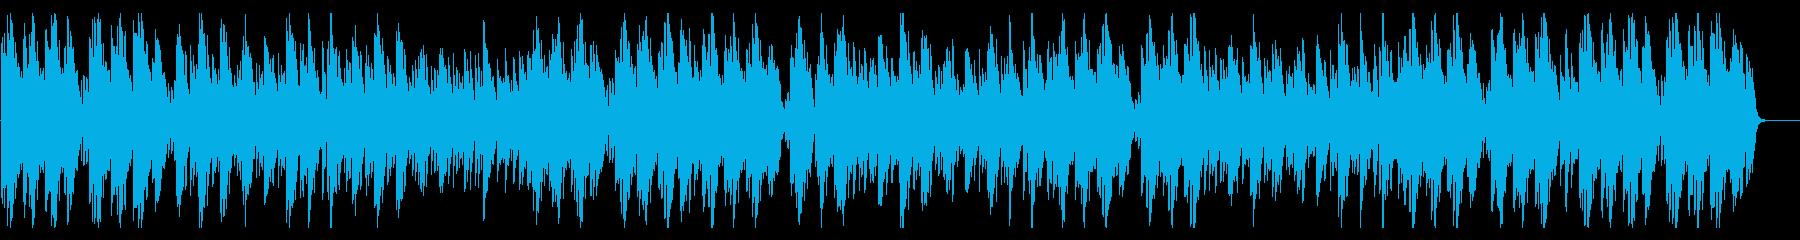 優しいピアノソロ風BGMの再生済みの波形